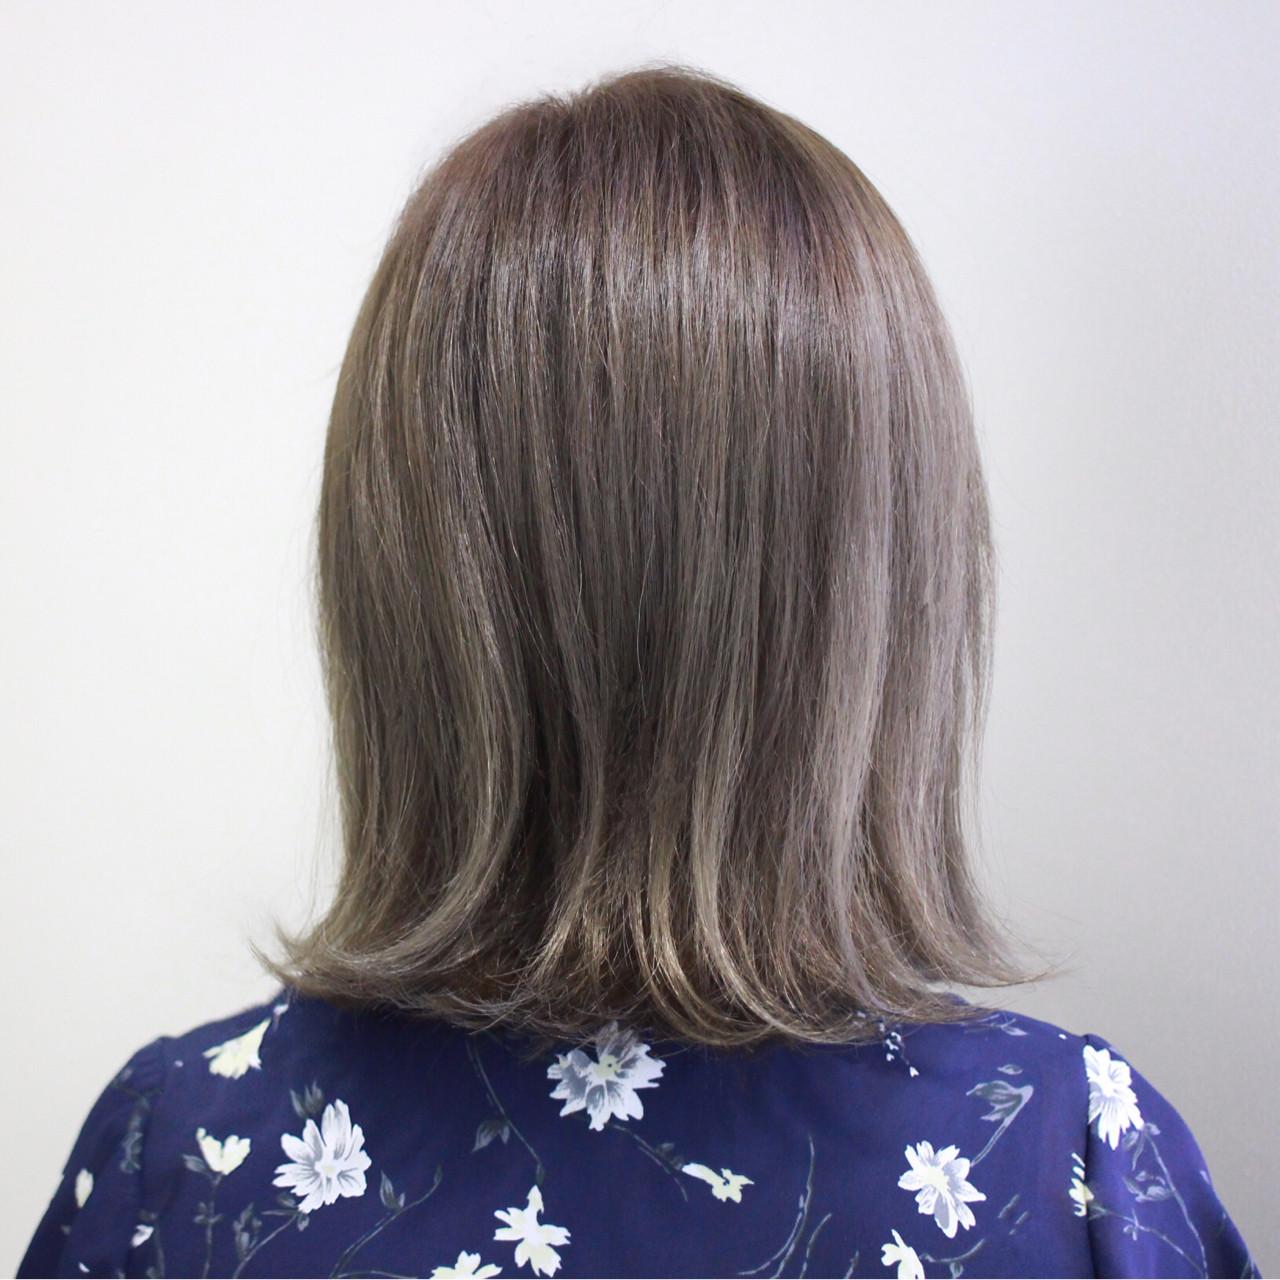 ハイライト ナチュラル イルミナカラー 外ハネ ヘアスタイルや髪型の写真・画像 | 西川 諒 / OSHARE DOROBO seed